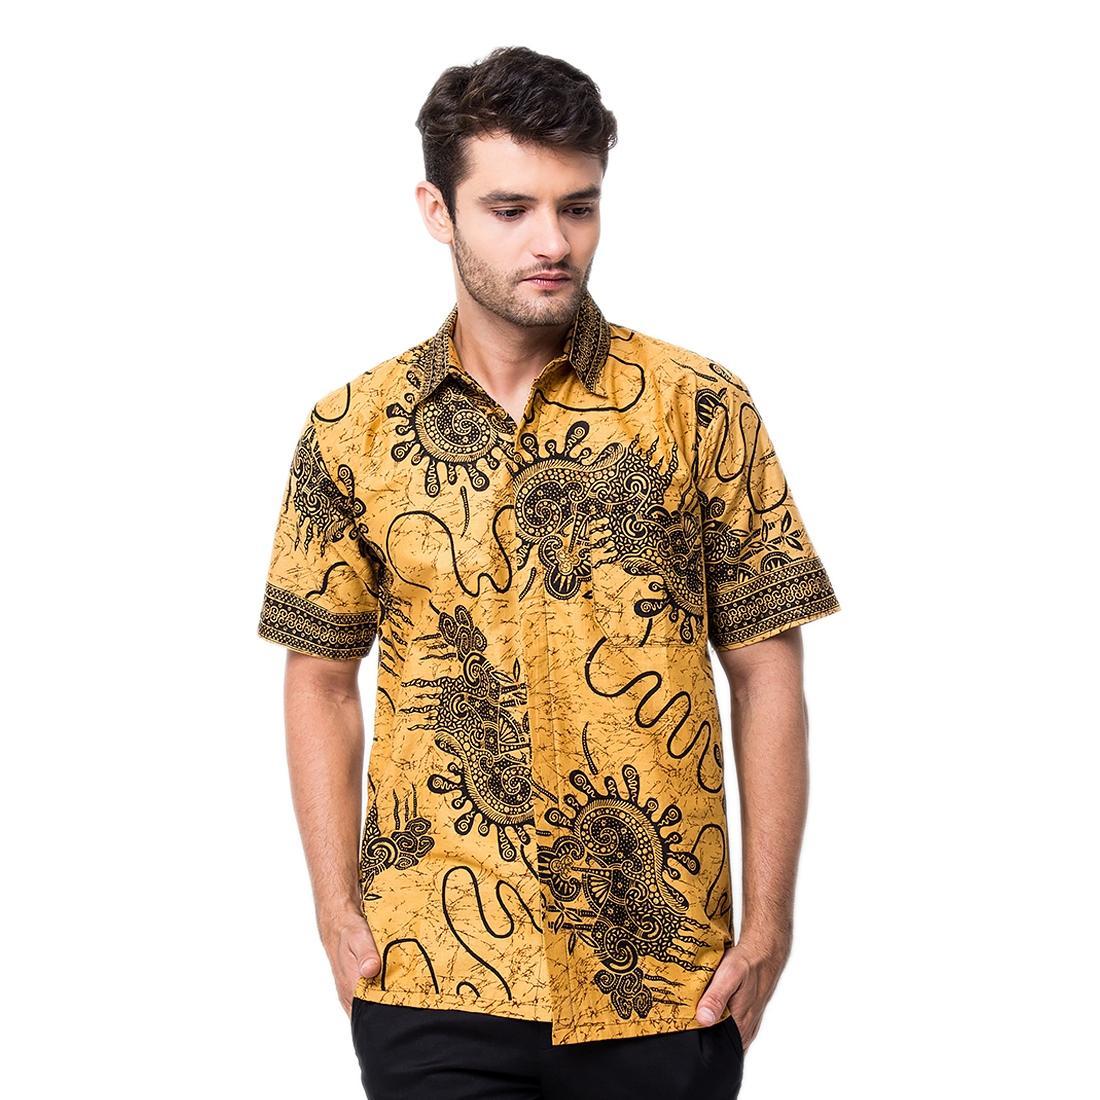 Baju Kemeja Batik pria Lengan Pendek 100% Bahan Katun